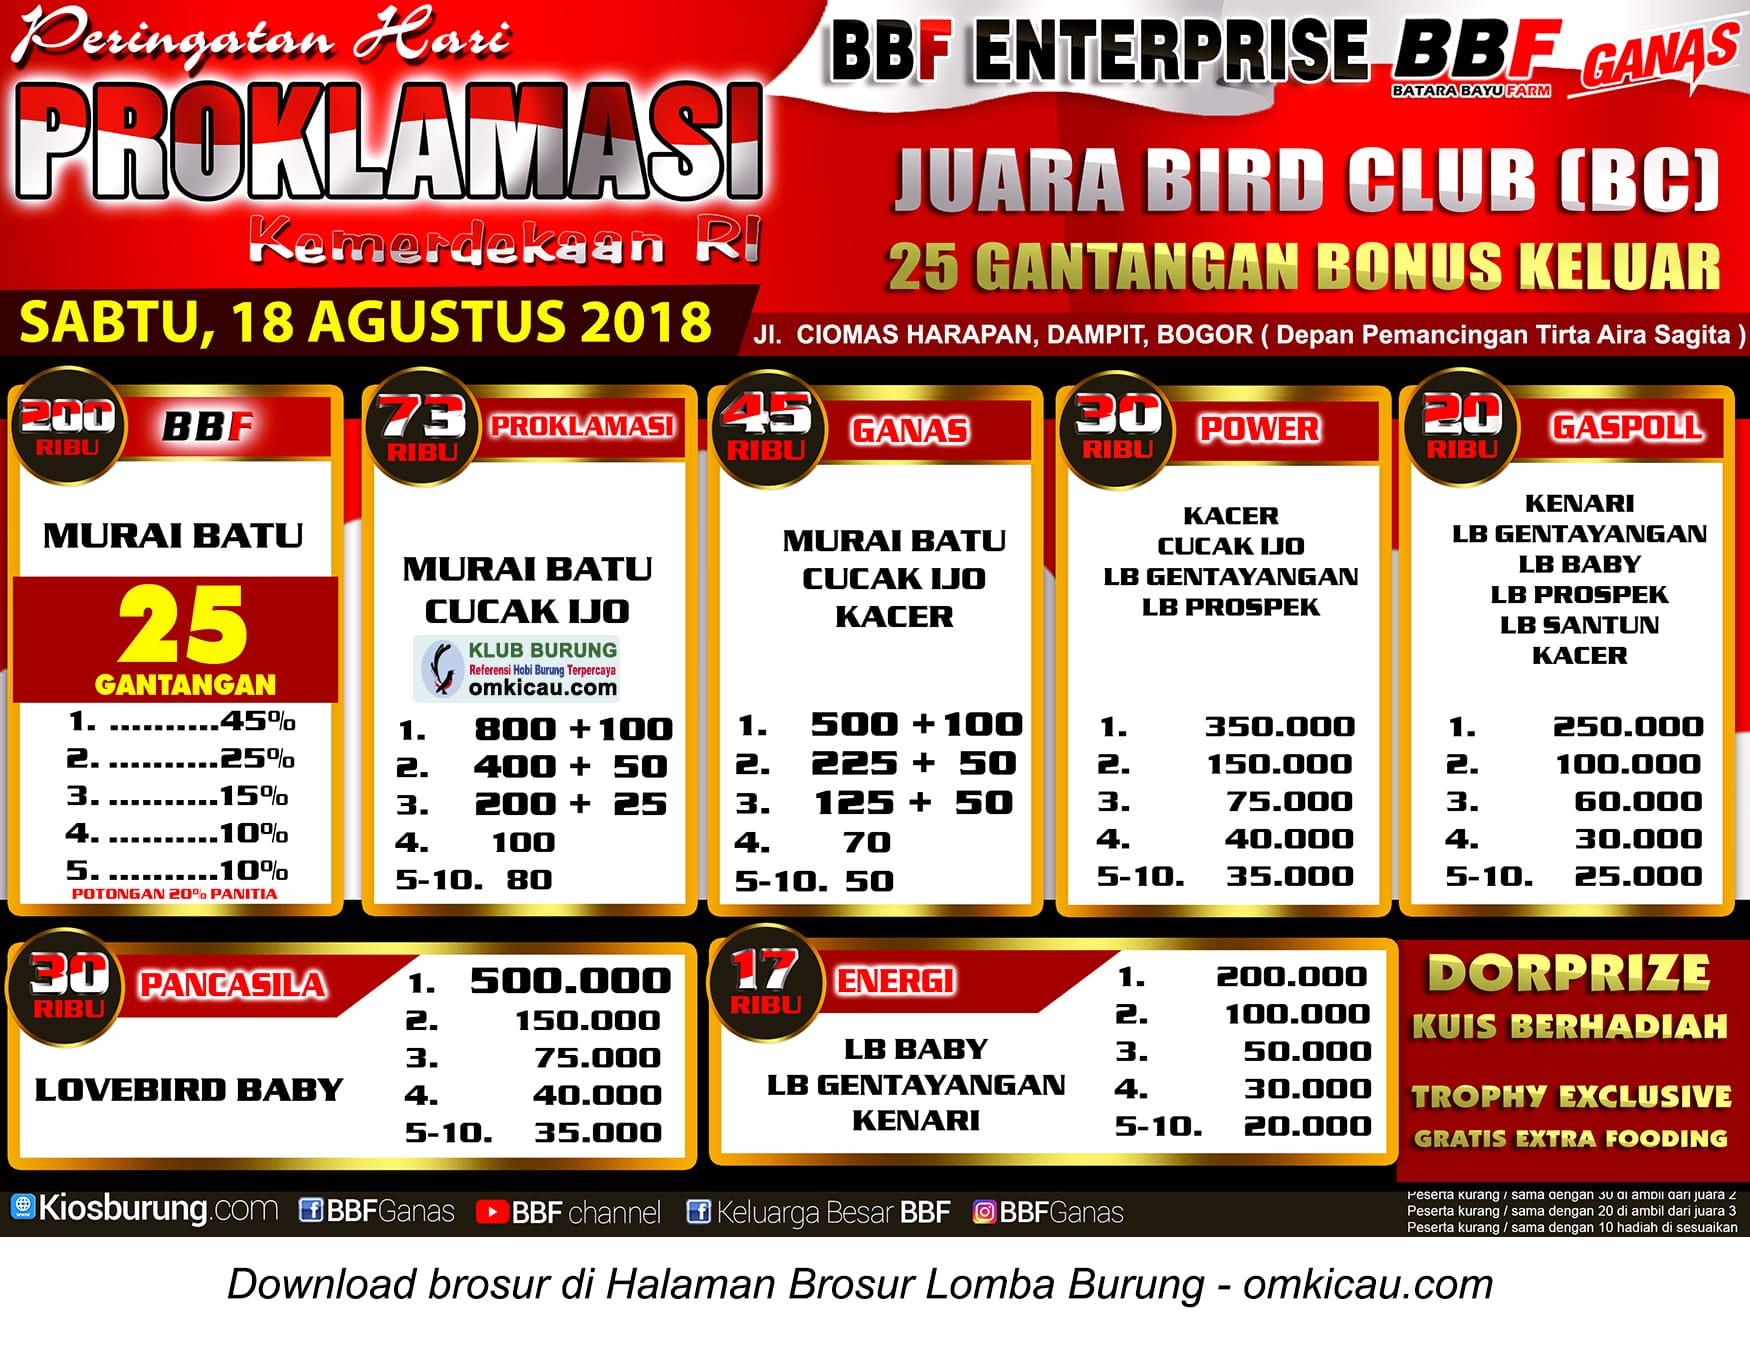 BBF Enterprise